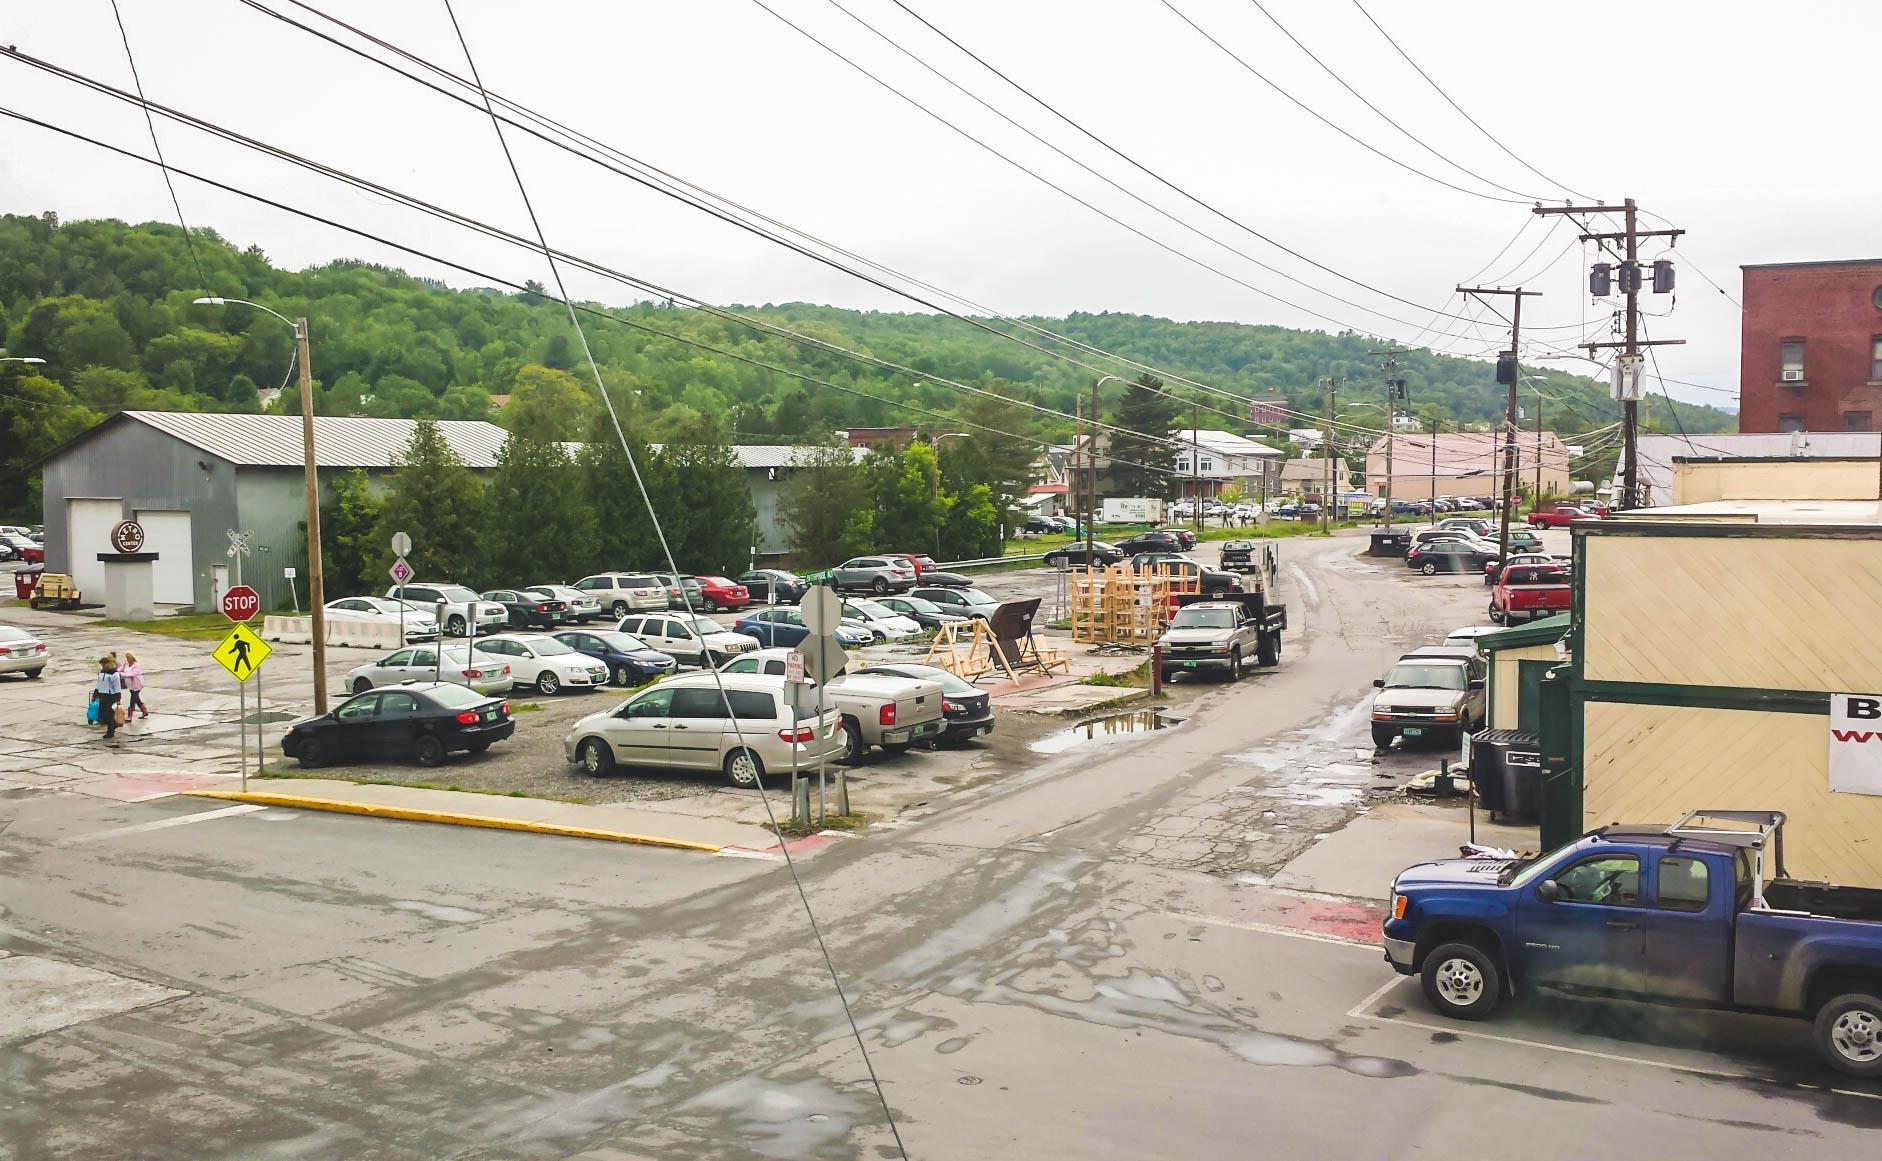 City Of Johnson City Pay Taxes